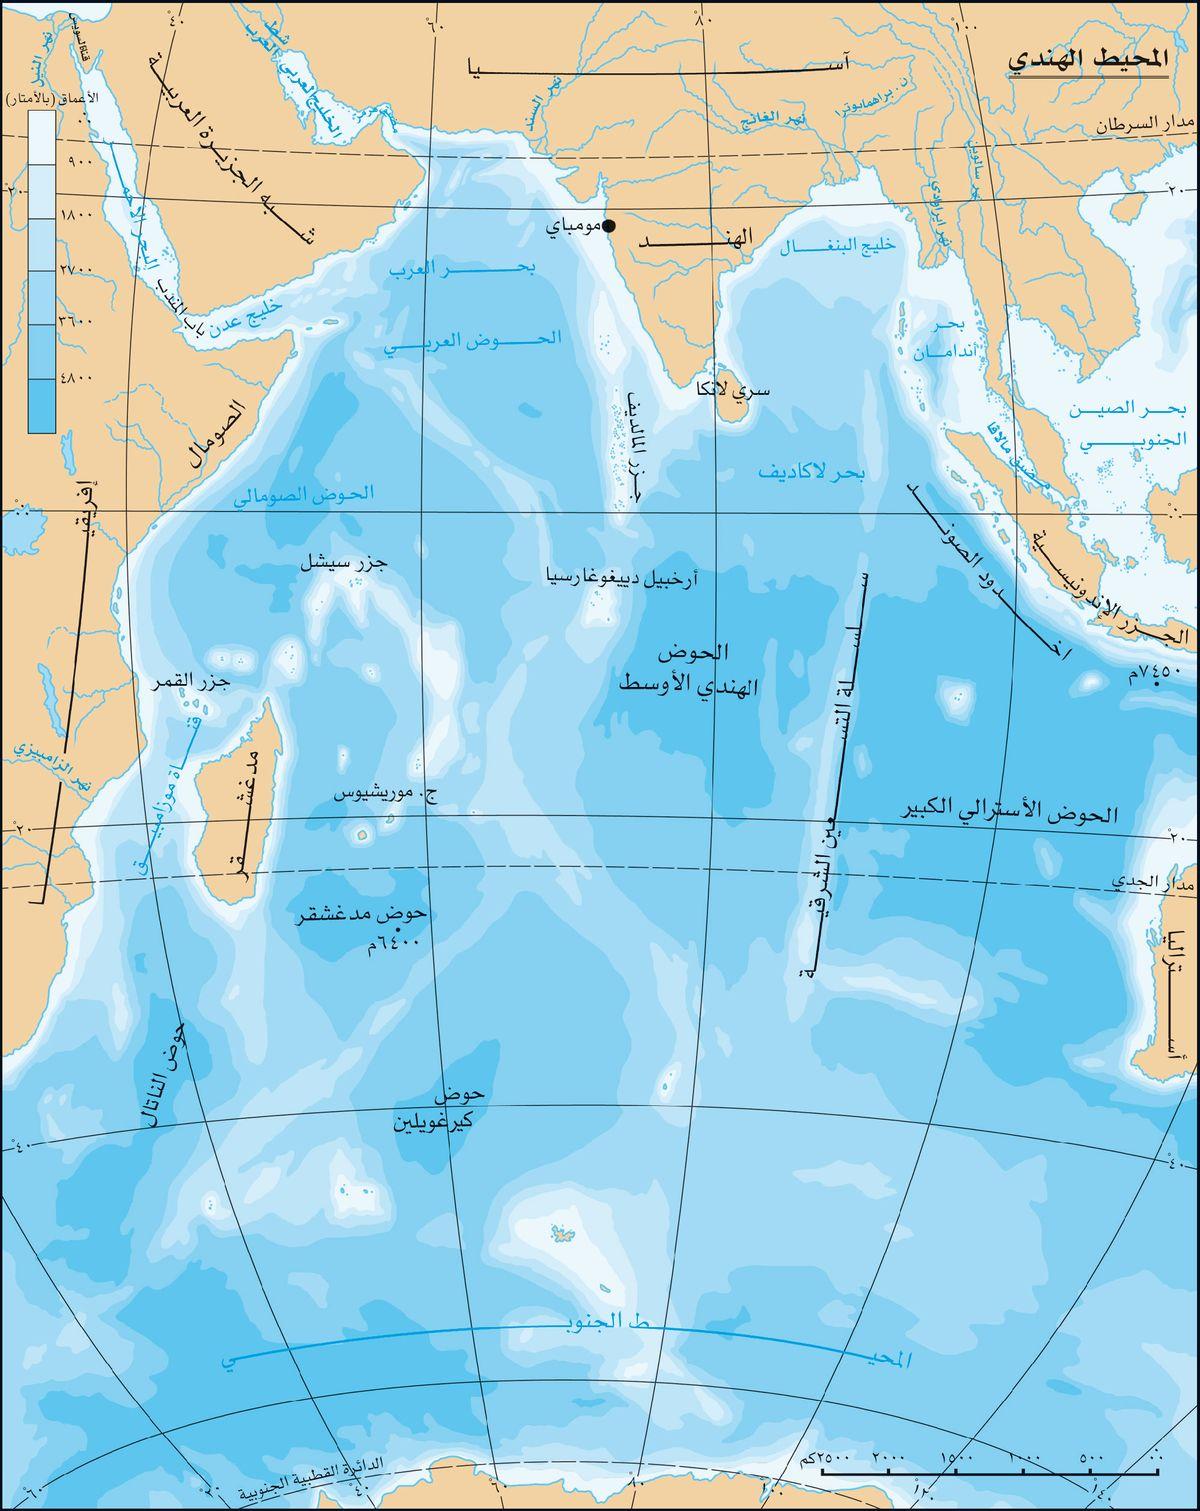 المحيط الهندي المعرفة